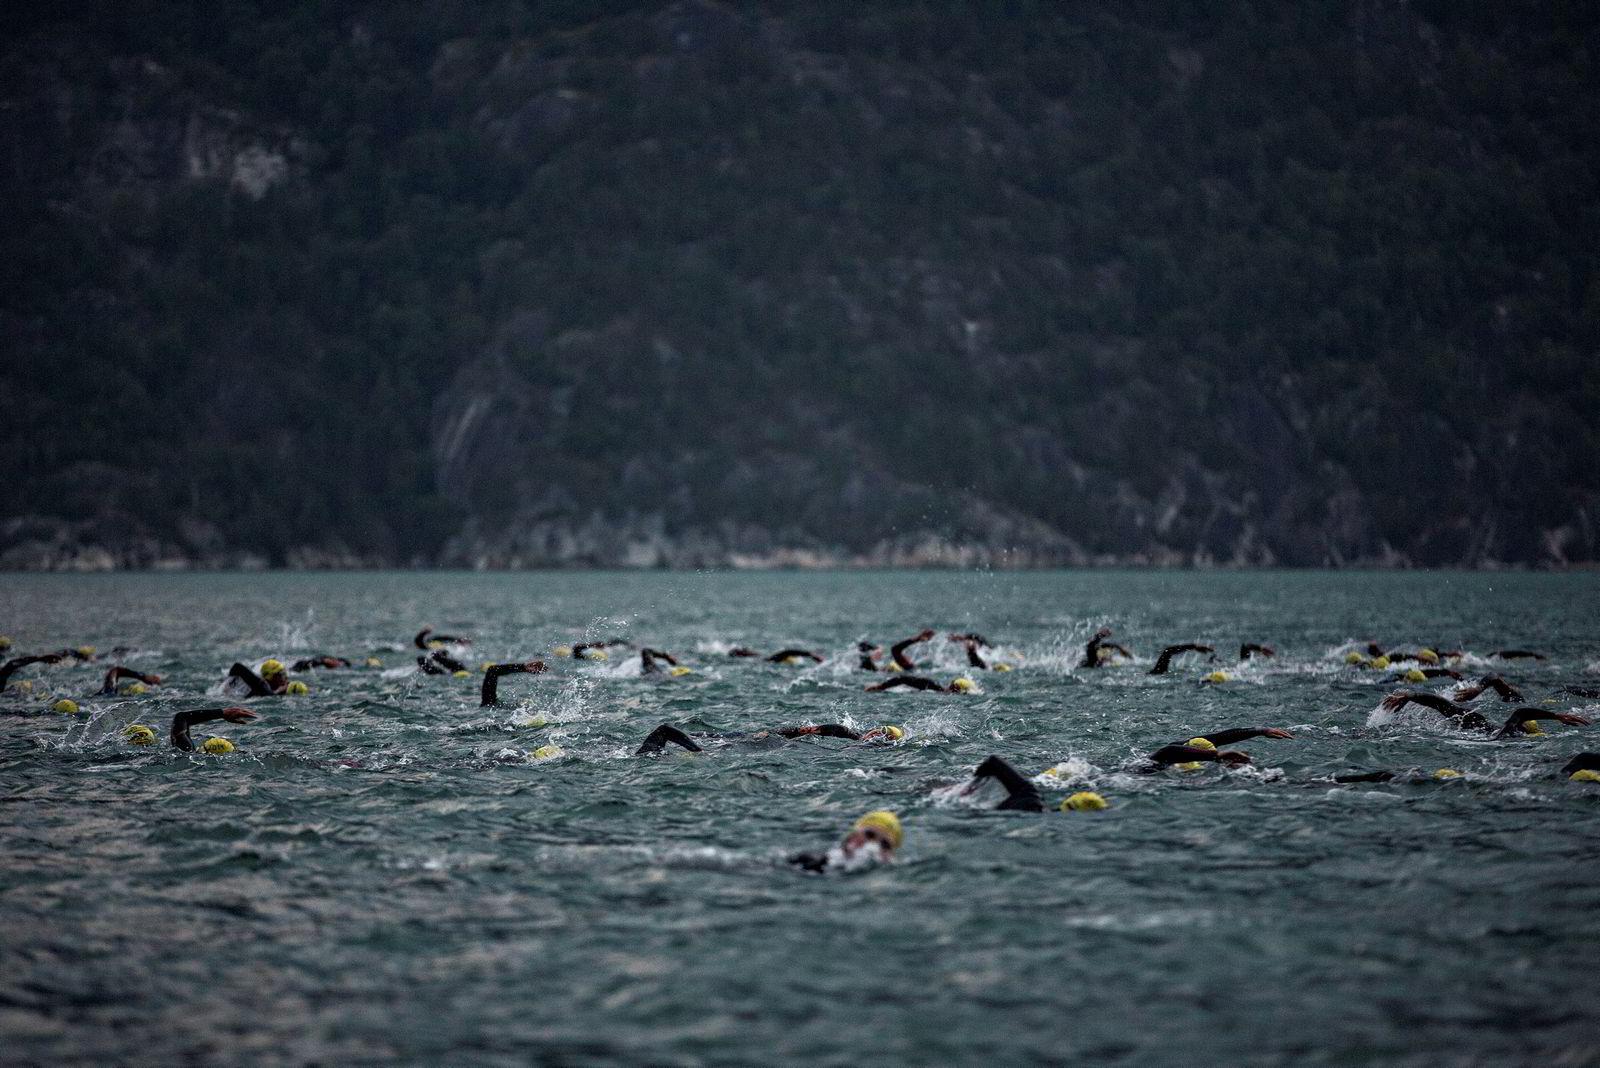 Startskuddet har gått og alle svømmerne kjemper om en bra plass. En 3,8 km lang svømmetur midt i Hardangerfjorden står for tur.